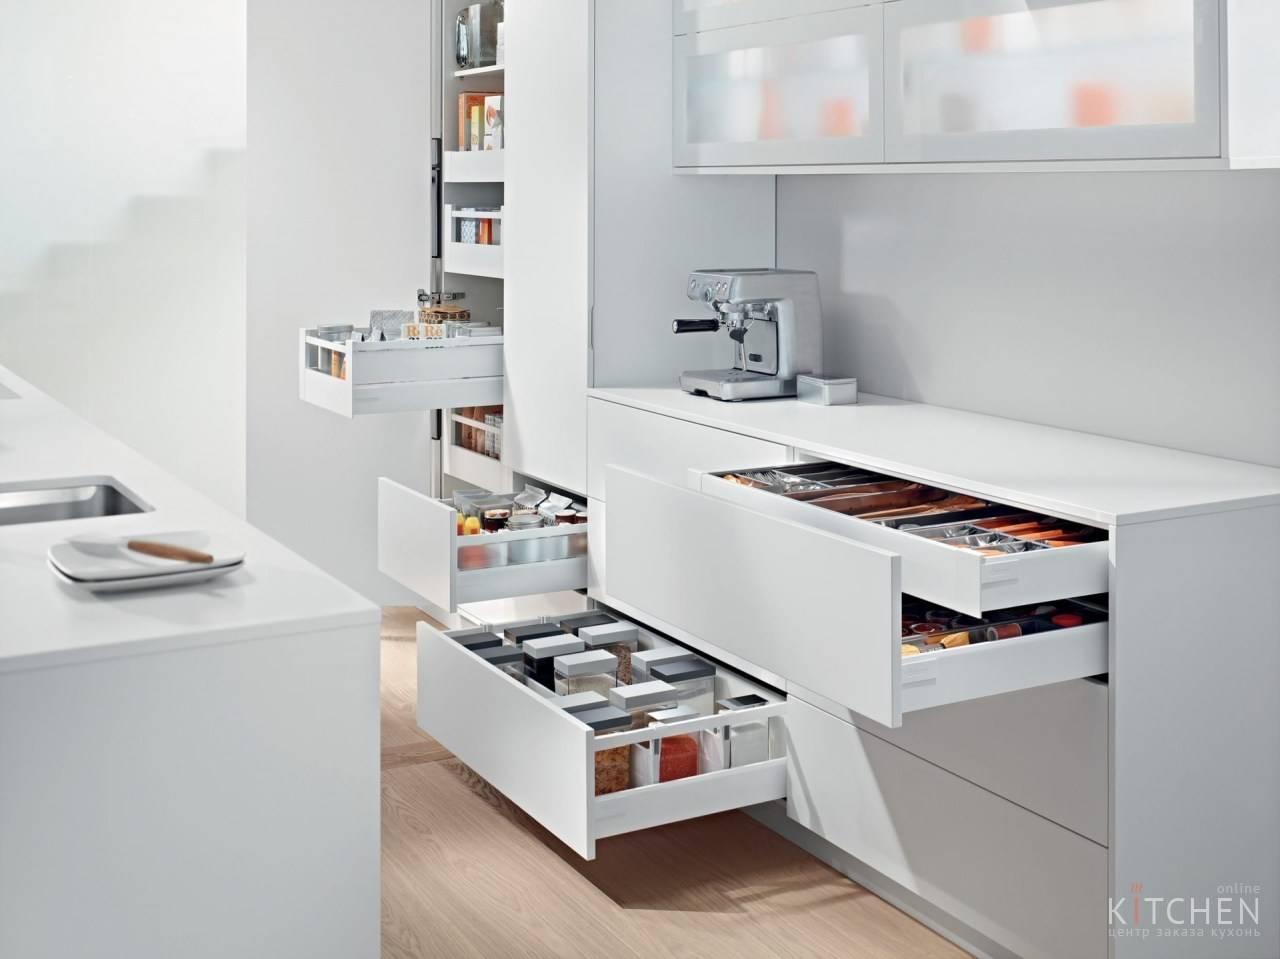 Мебельная фурнитура blum— история, философия и продукция компании блюм